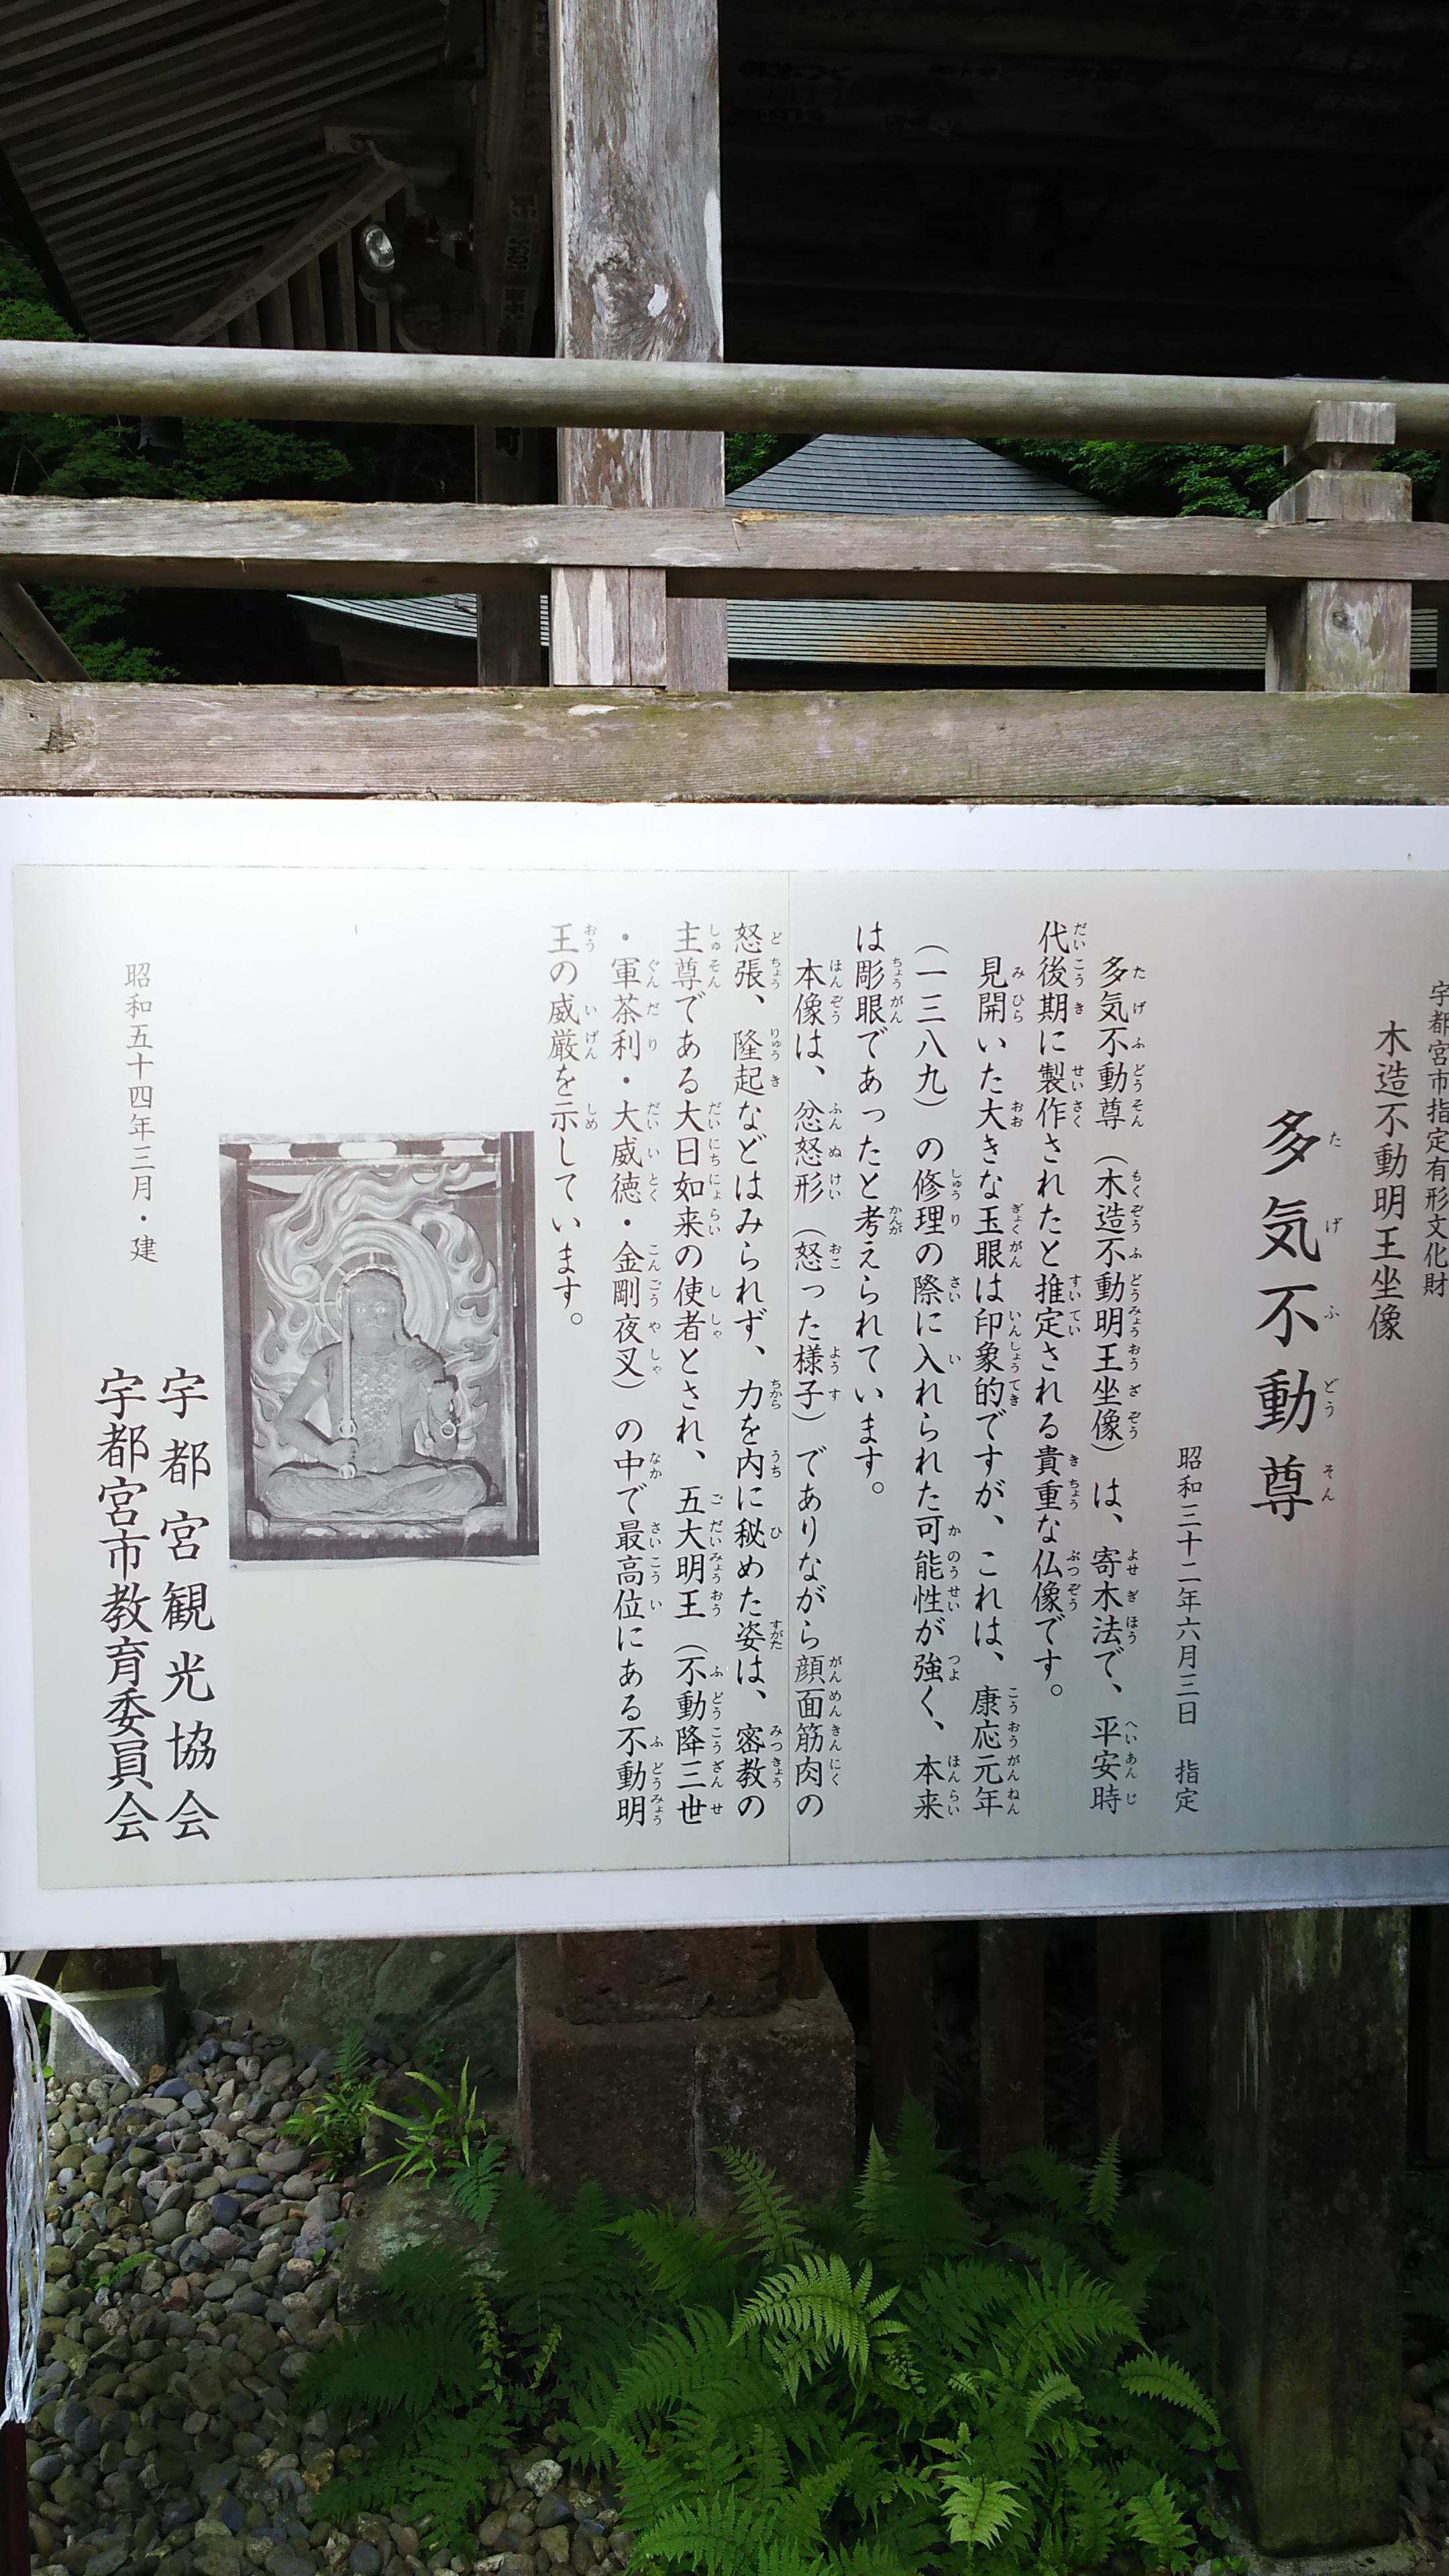 持寳院(多気不動尊)の歴史